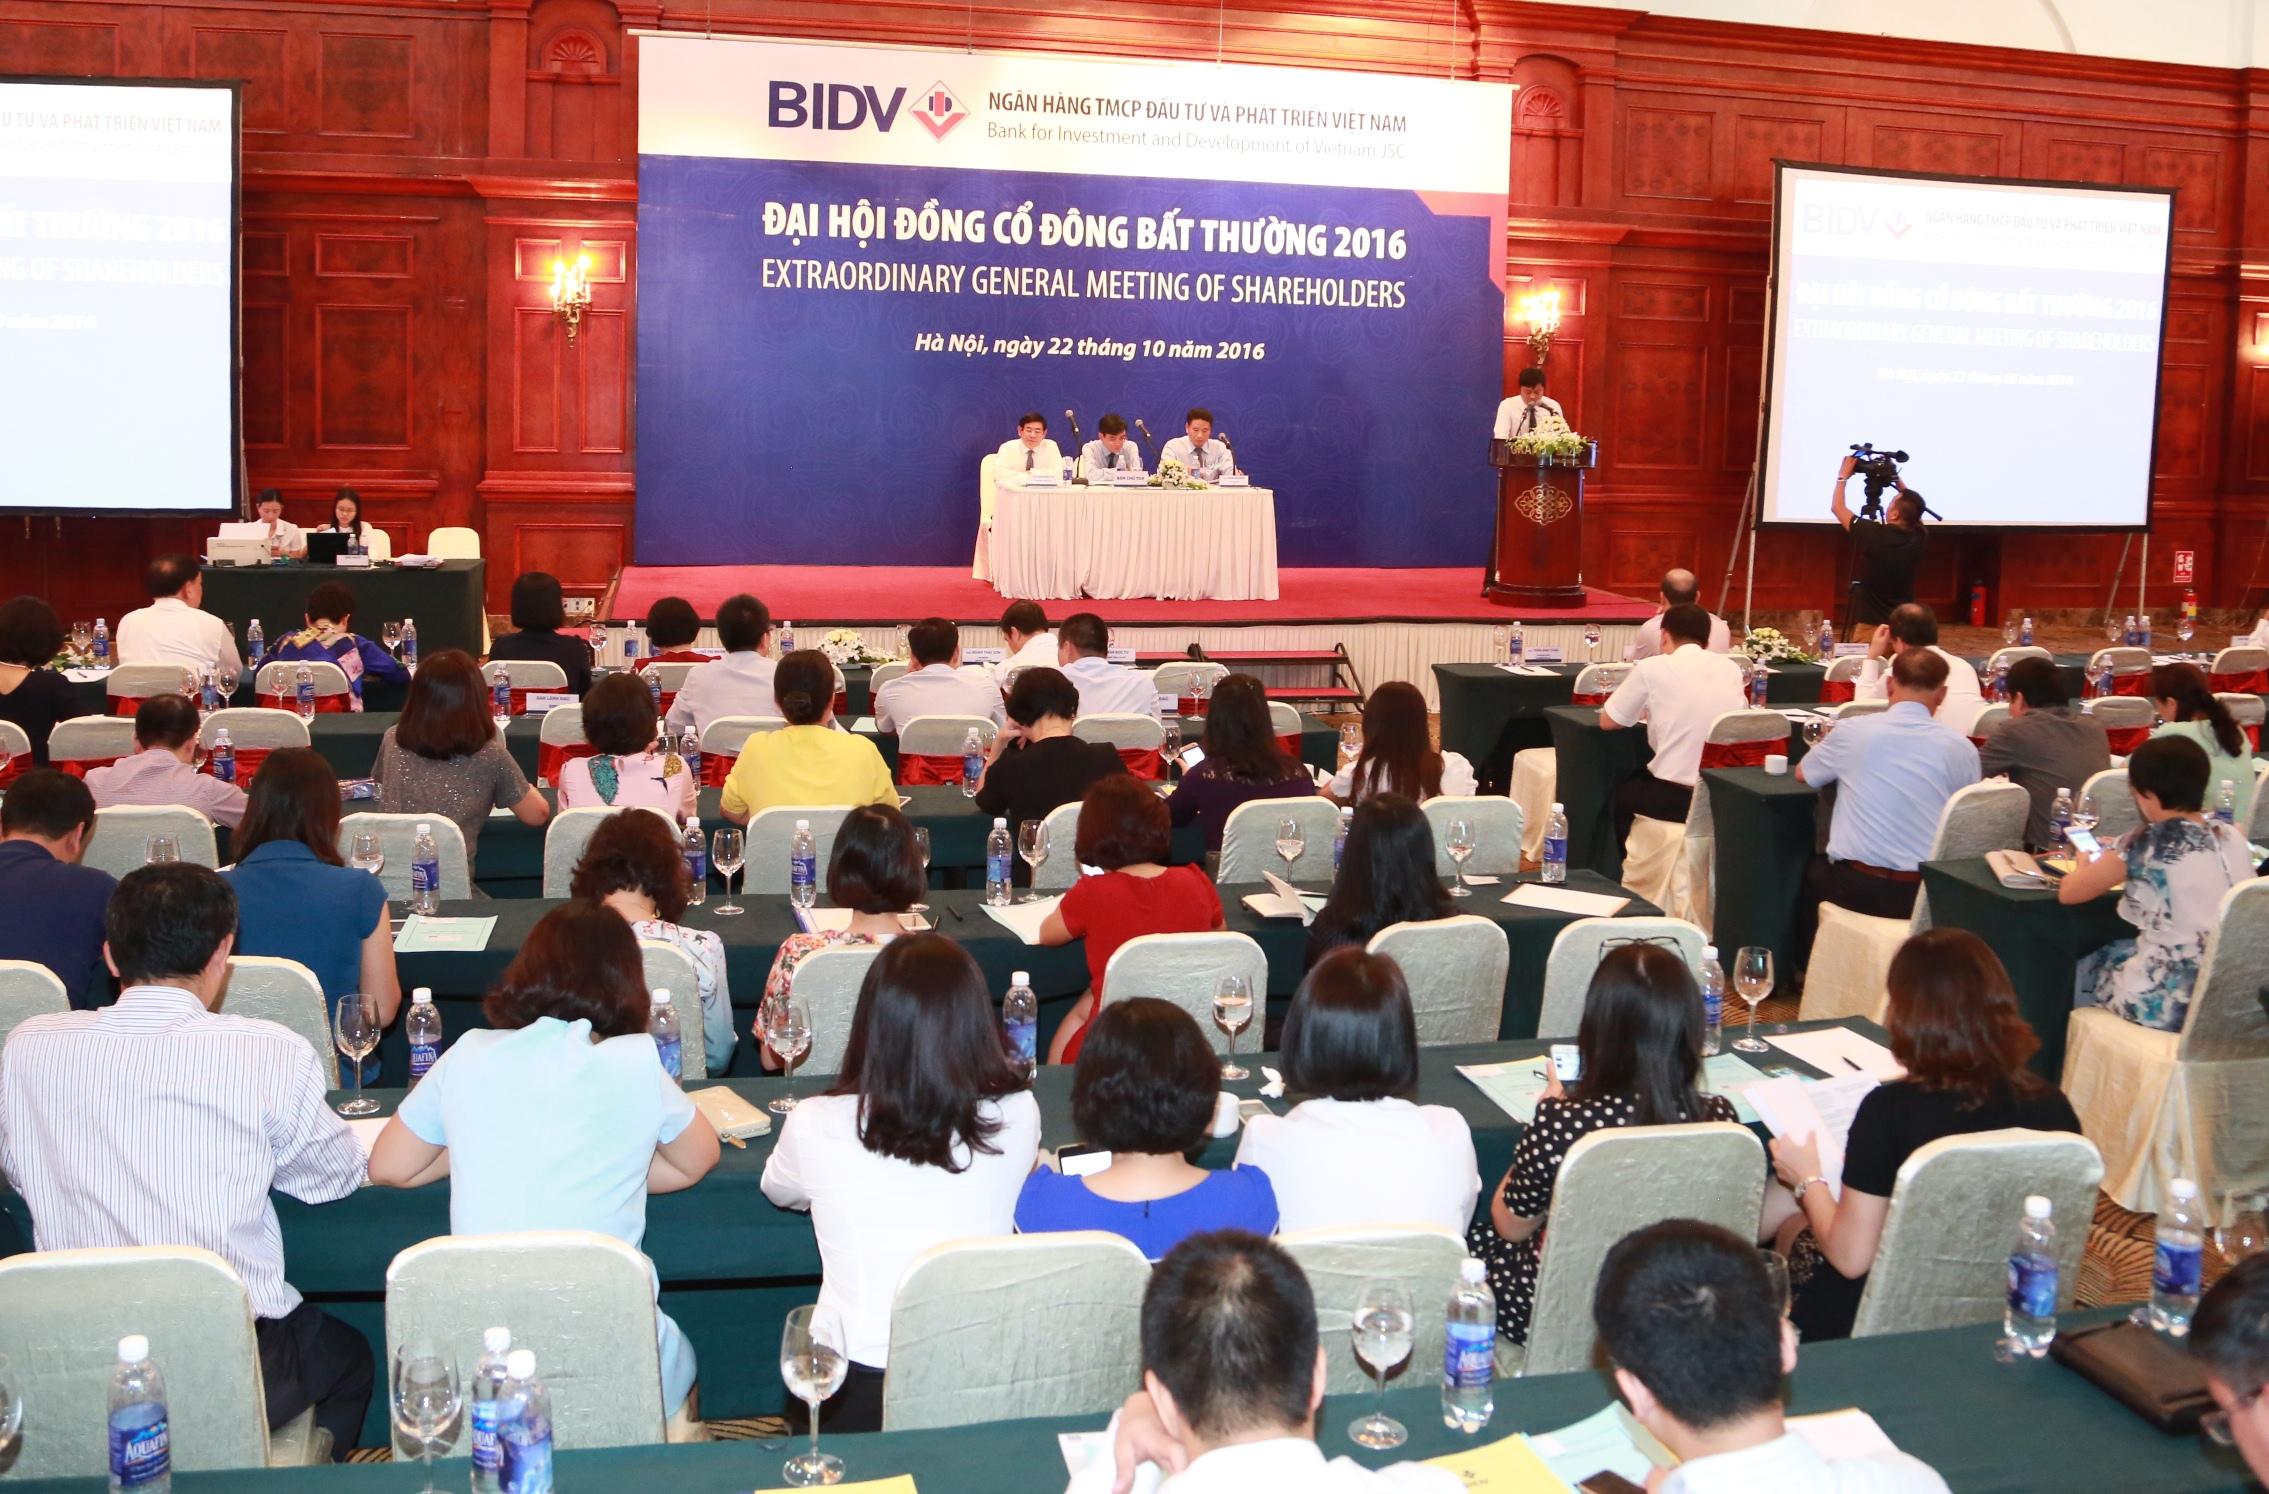 Ngân hàng BIDV tổ chức Đại hội đồng cổ đông bất thường năm 2016